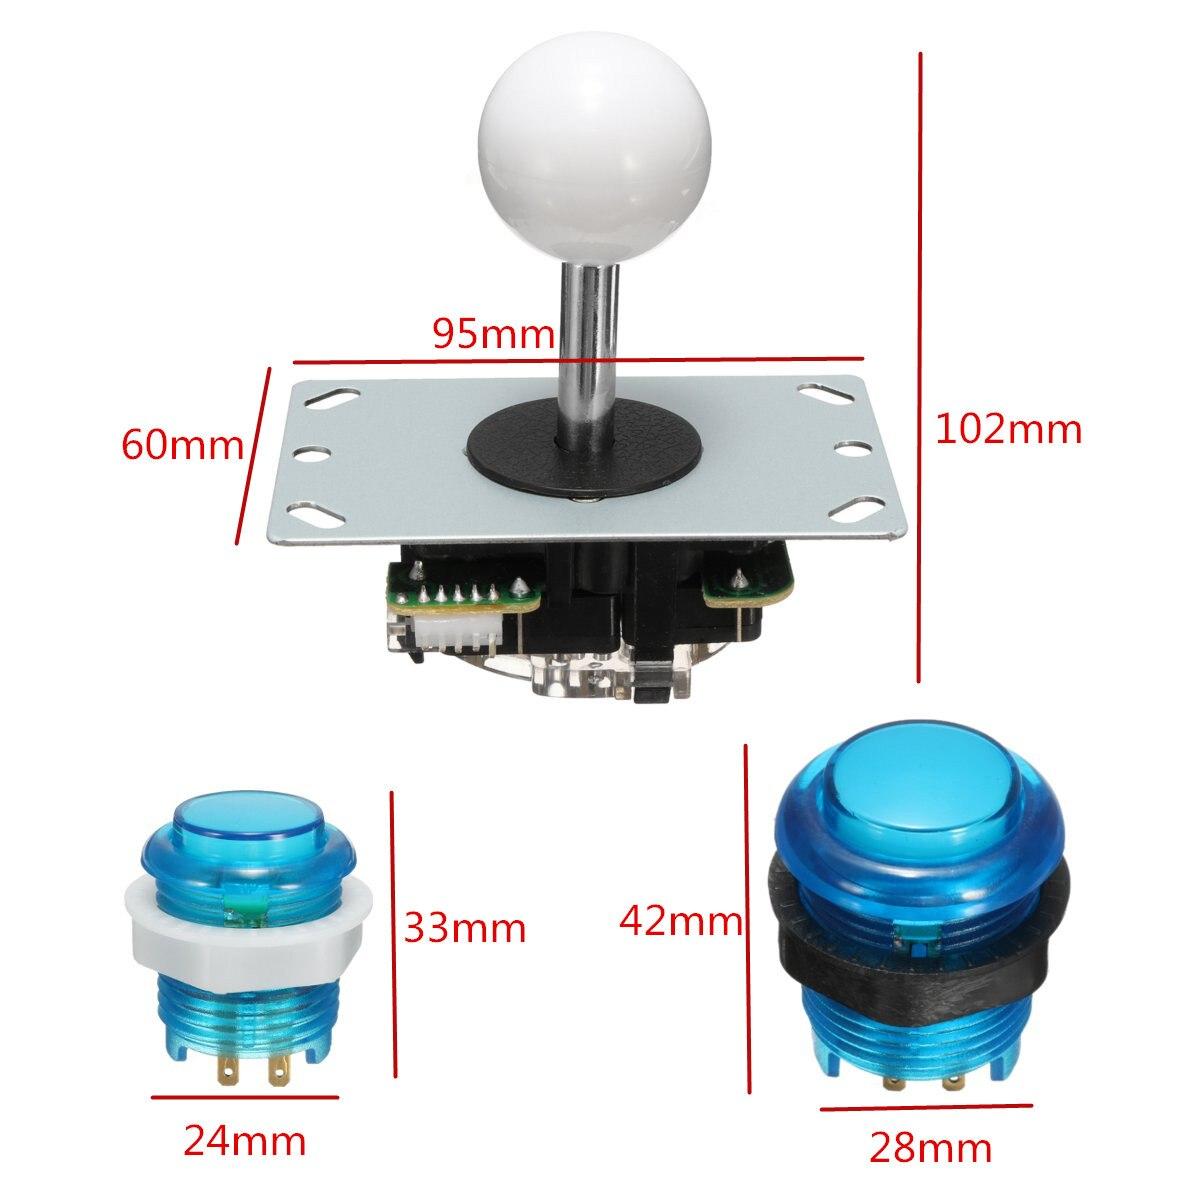 Cero retraso Joystick Arcade DIY Kit LED botón + Joystick + USB codificador + arnés de cable controlador USB para arcade Mame juego de Arcade - 6